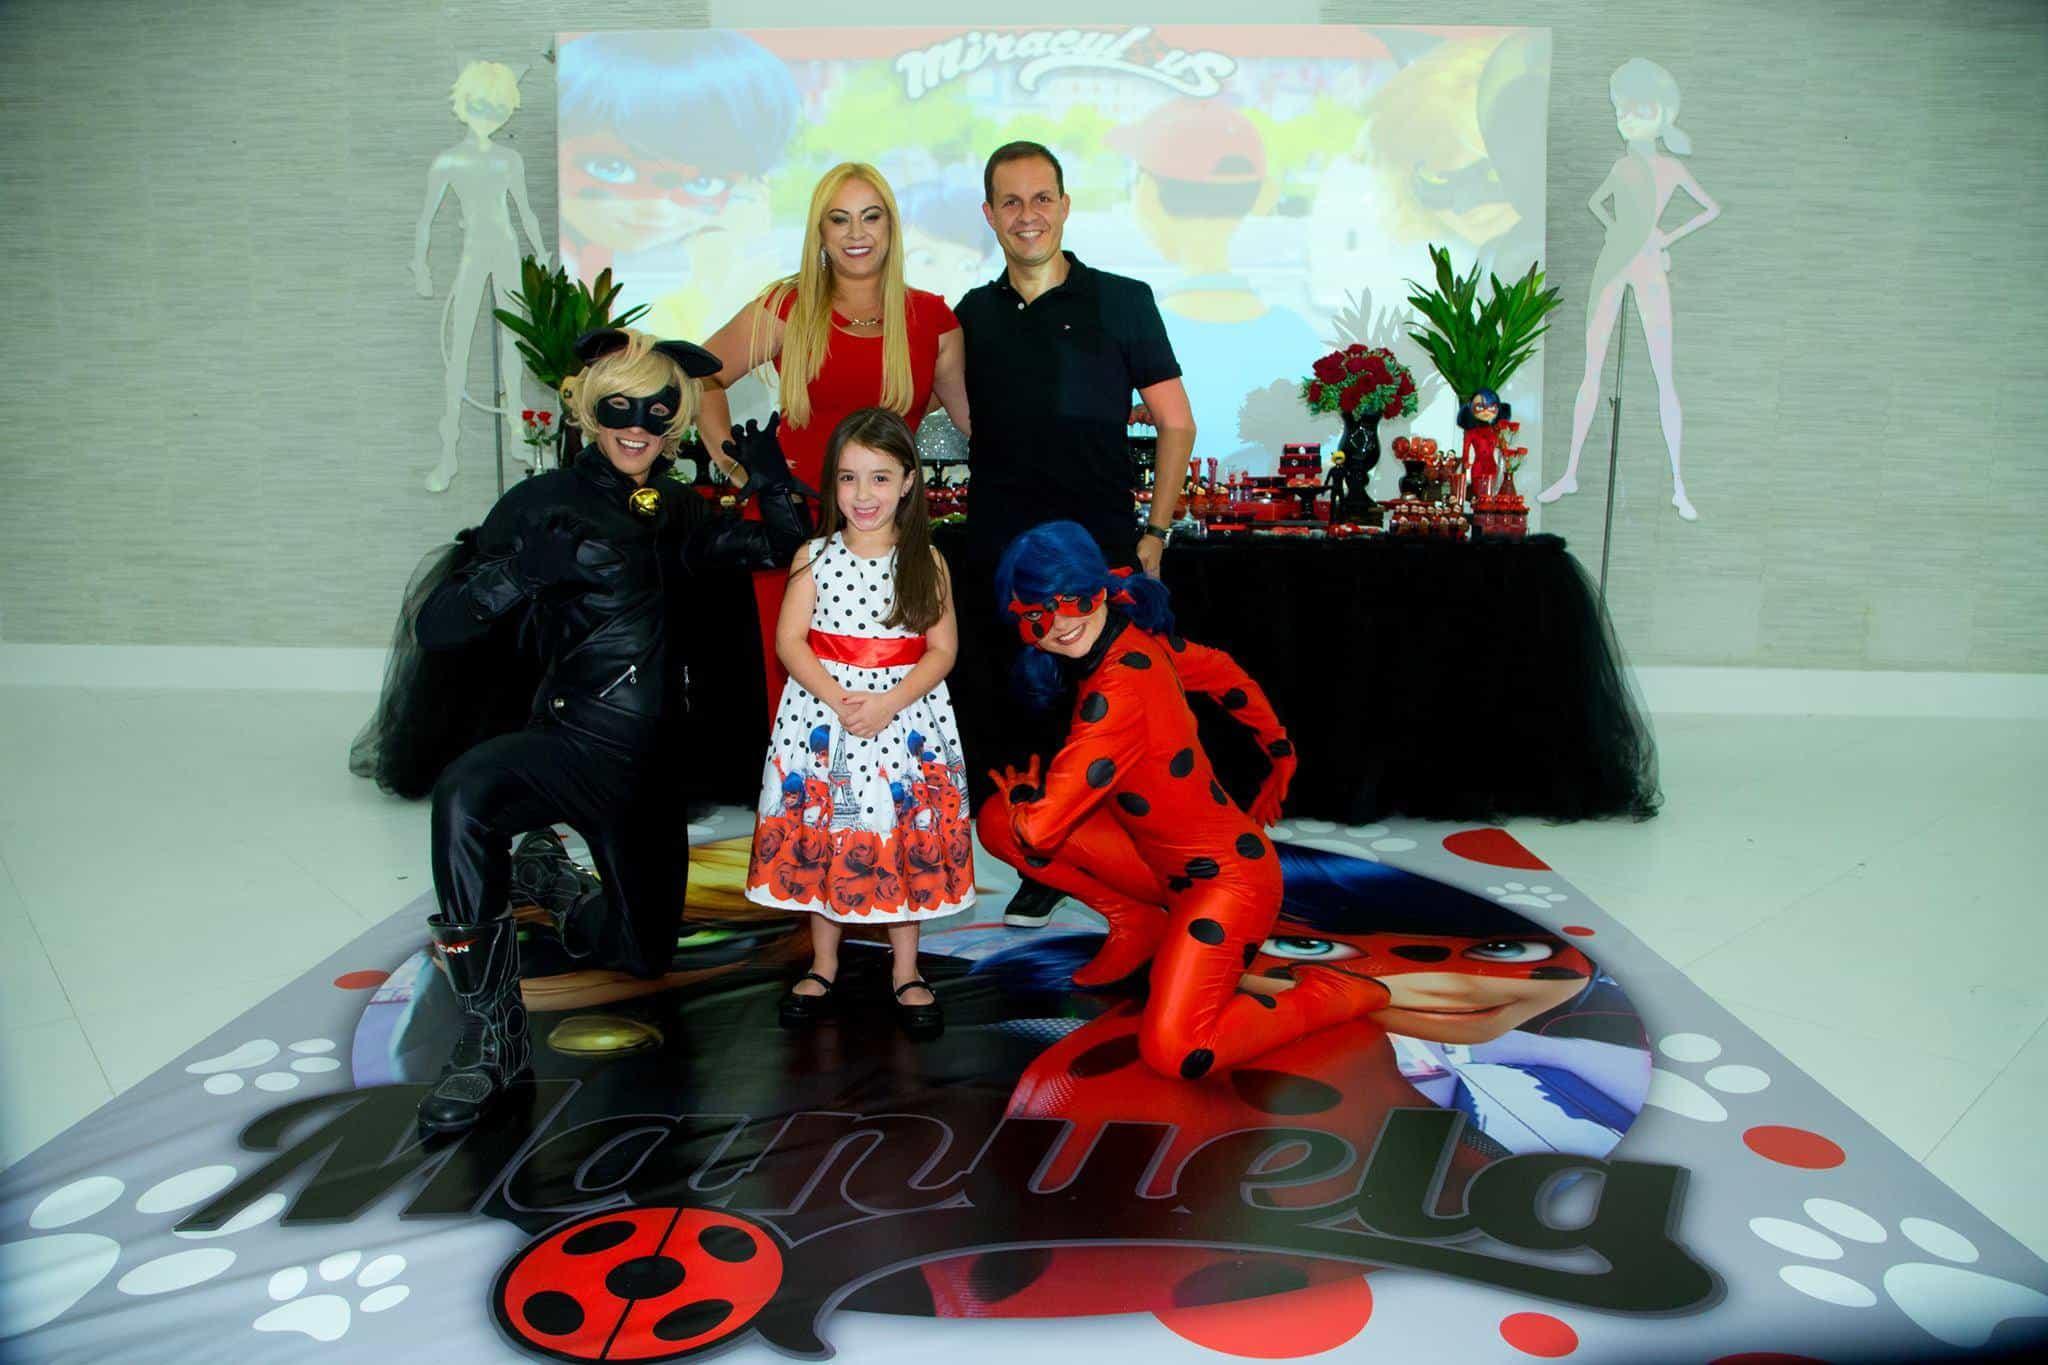 17357115 10210099752549296 1520455081 o Elas vestem vestidos infantil de festa Ana Giovanna